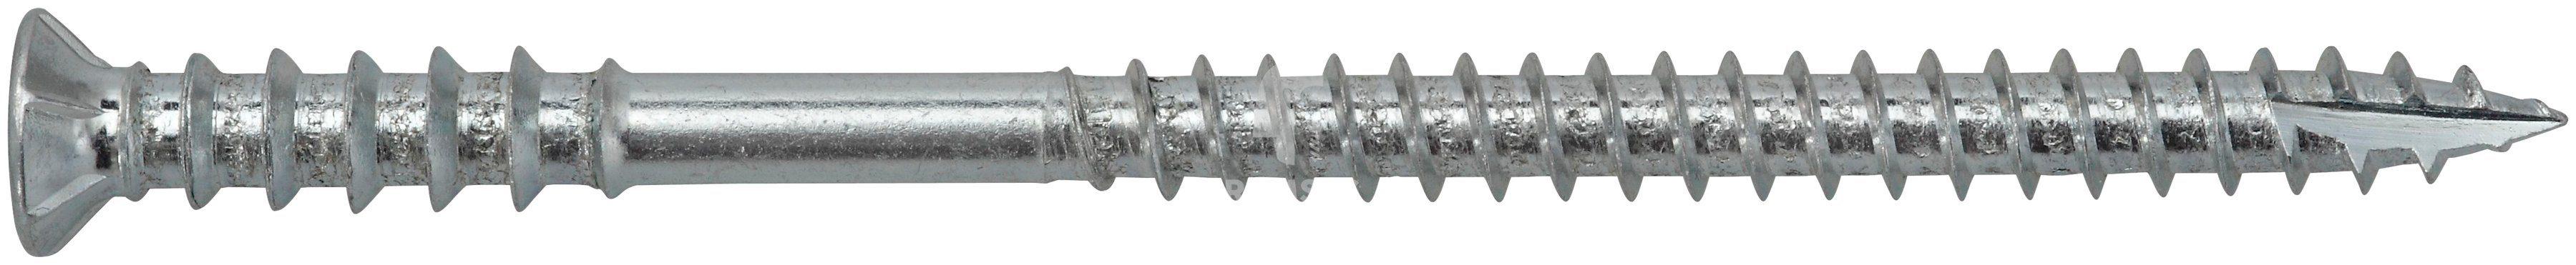 RAMSES Schrauben , Justierschraube Holz/Holz 6 x 120 mm 50 Stk.